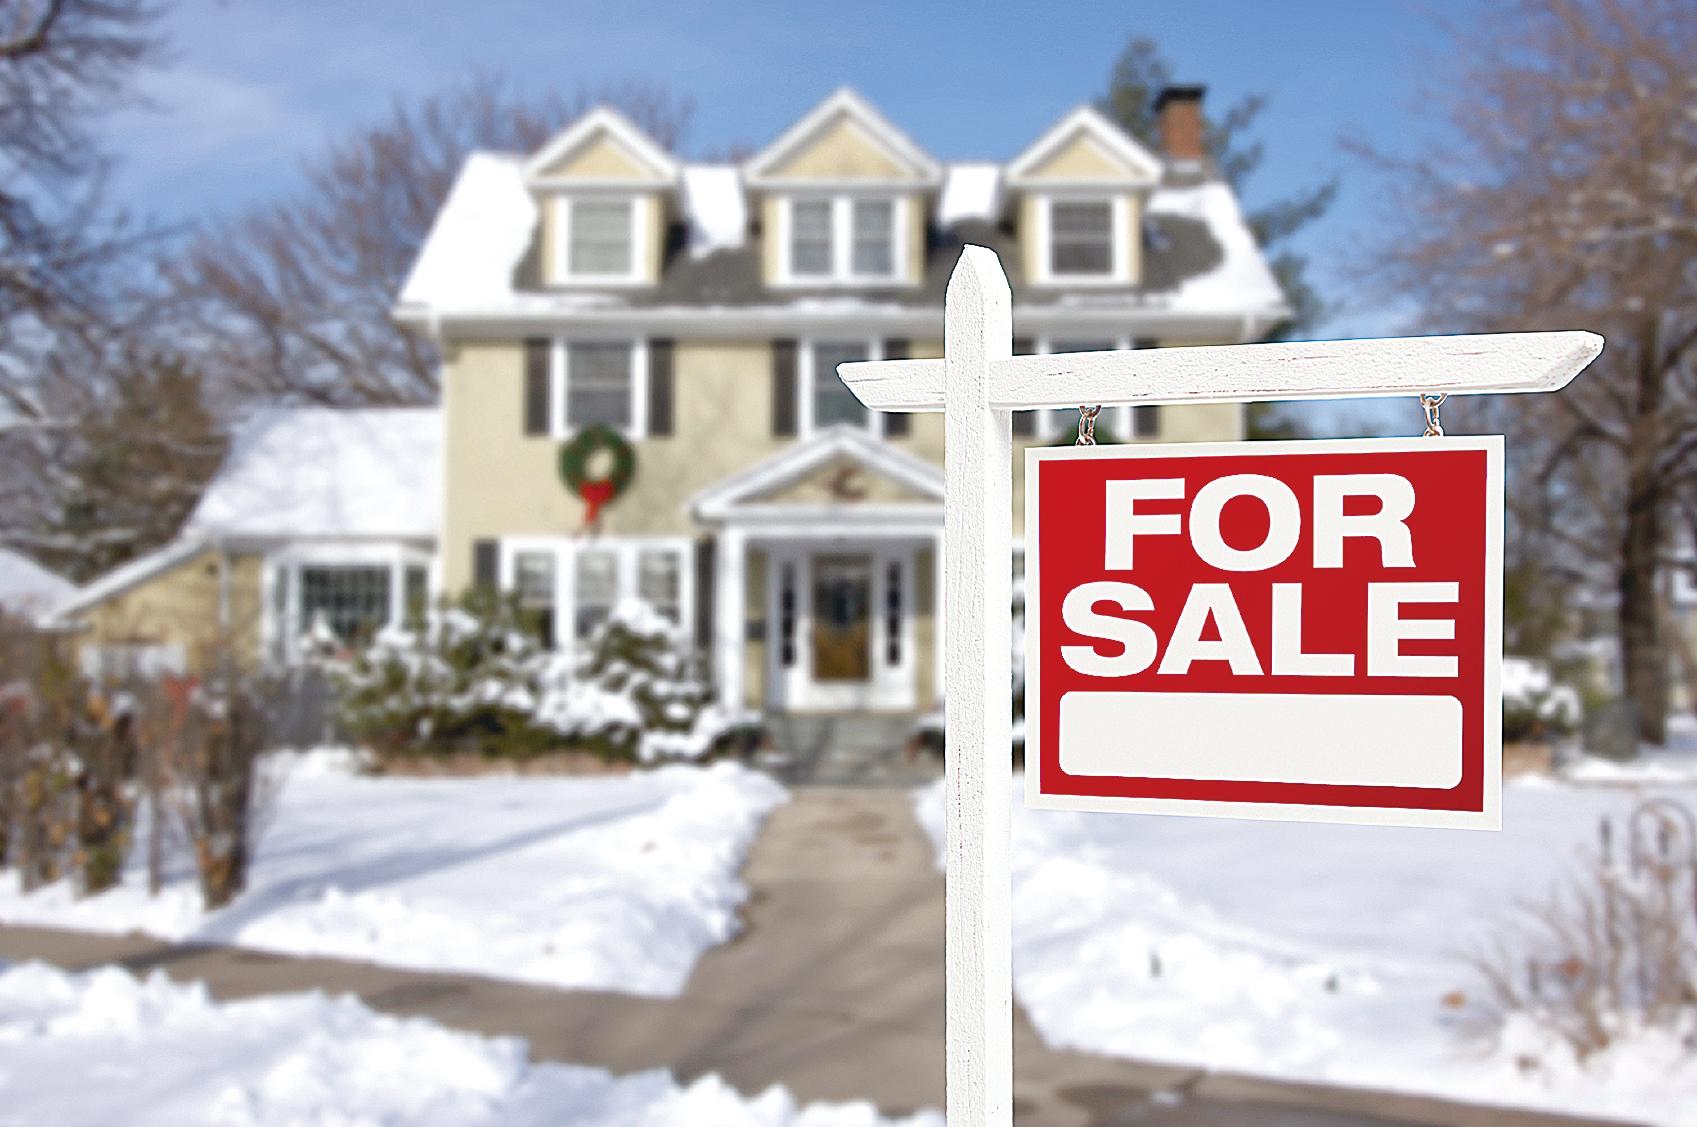 美、加、澳房地產被視為安全、保值的投資目標。(iStock)